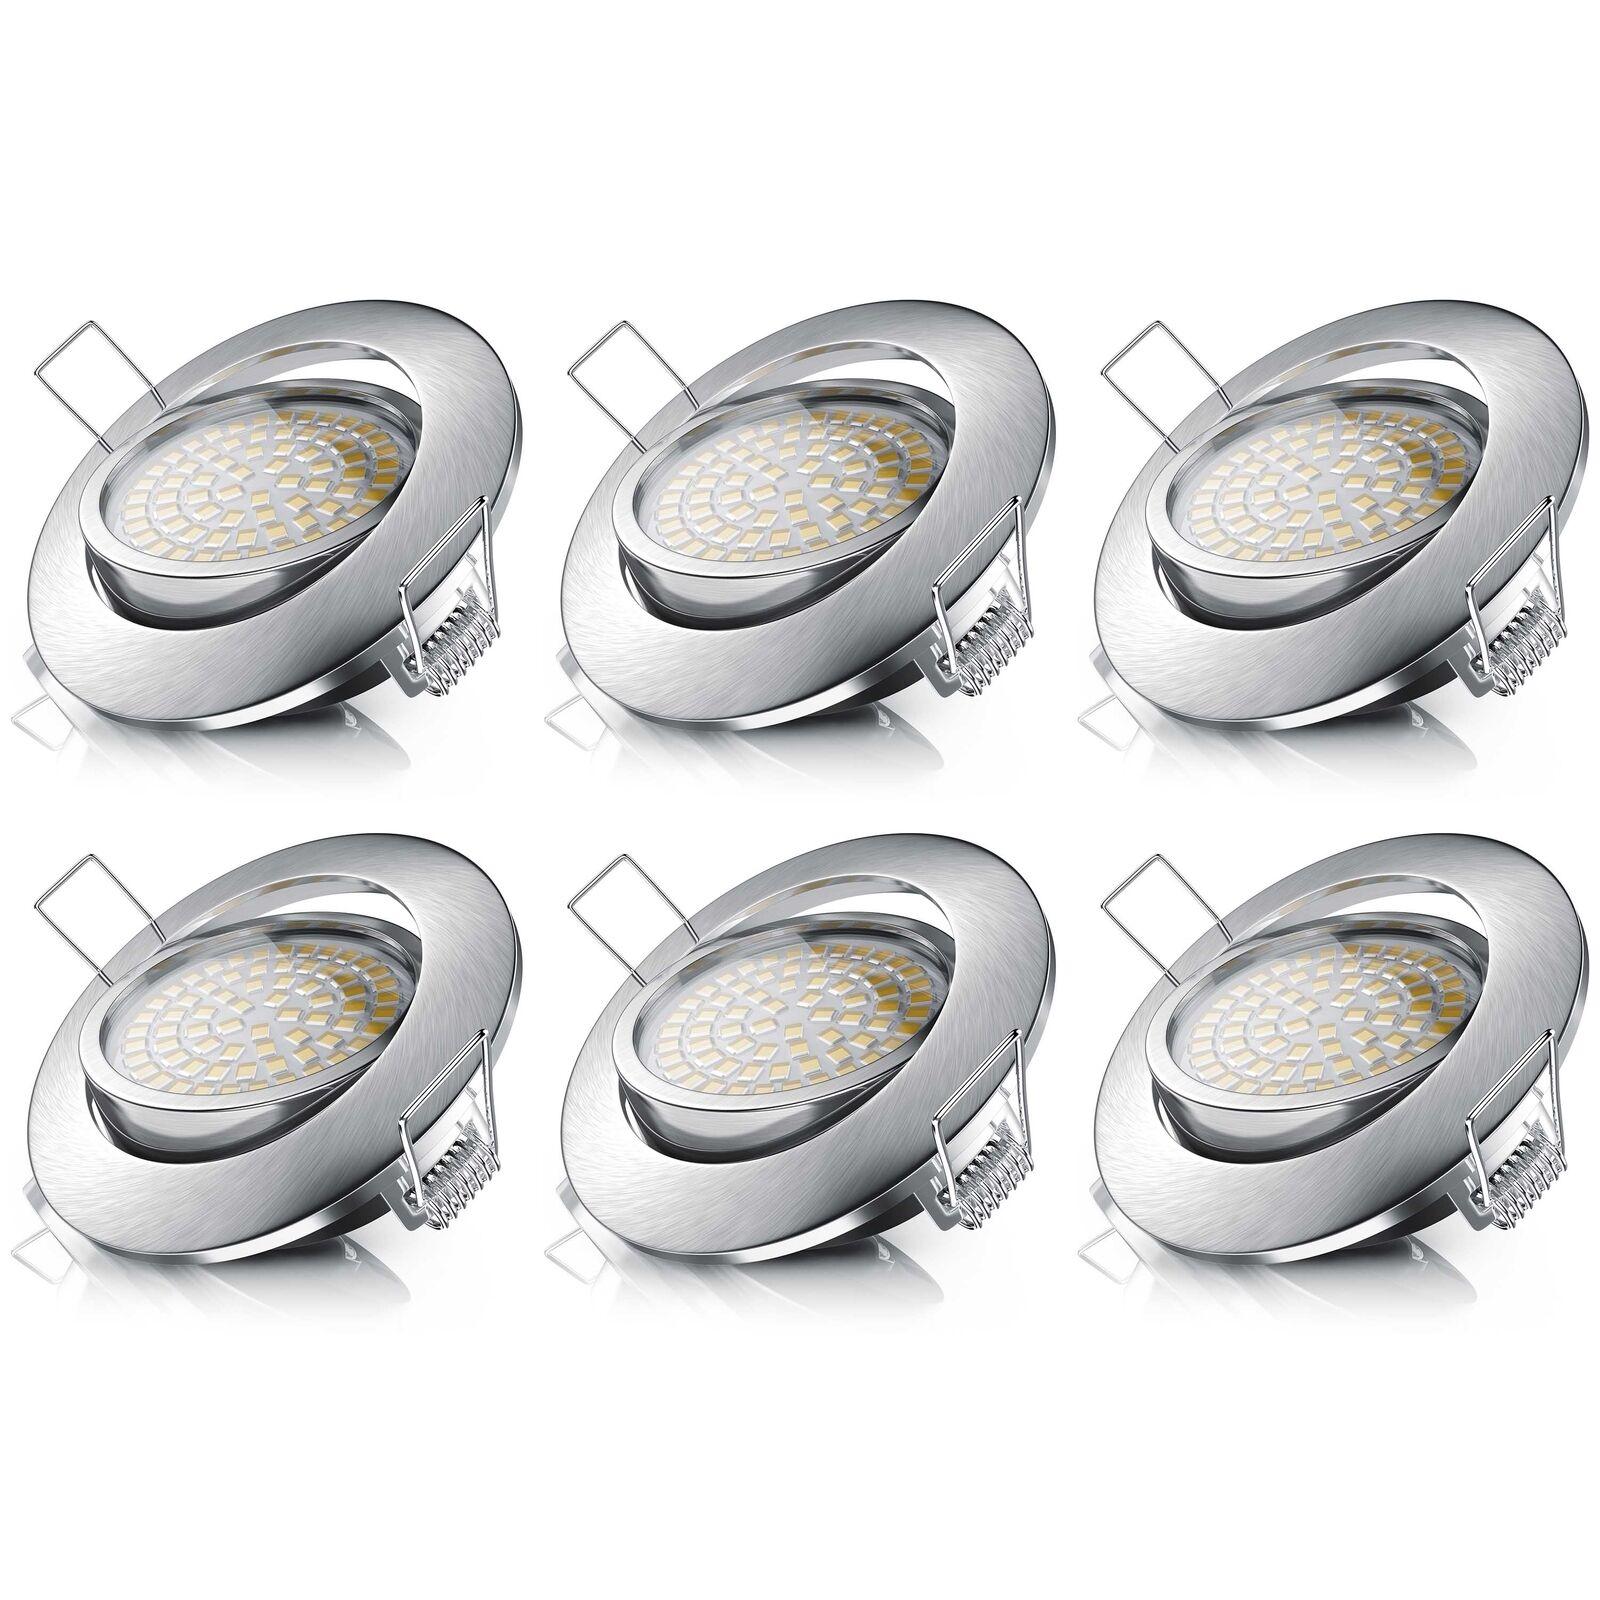 6x Brandson LED Einbaustrahler schwenkbardimmbar Einbauleuchte Einbauspot 3,5W     | Shop  | Umweltfreundlich  | Auktion